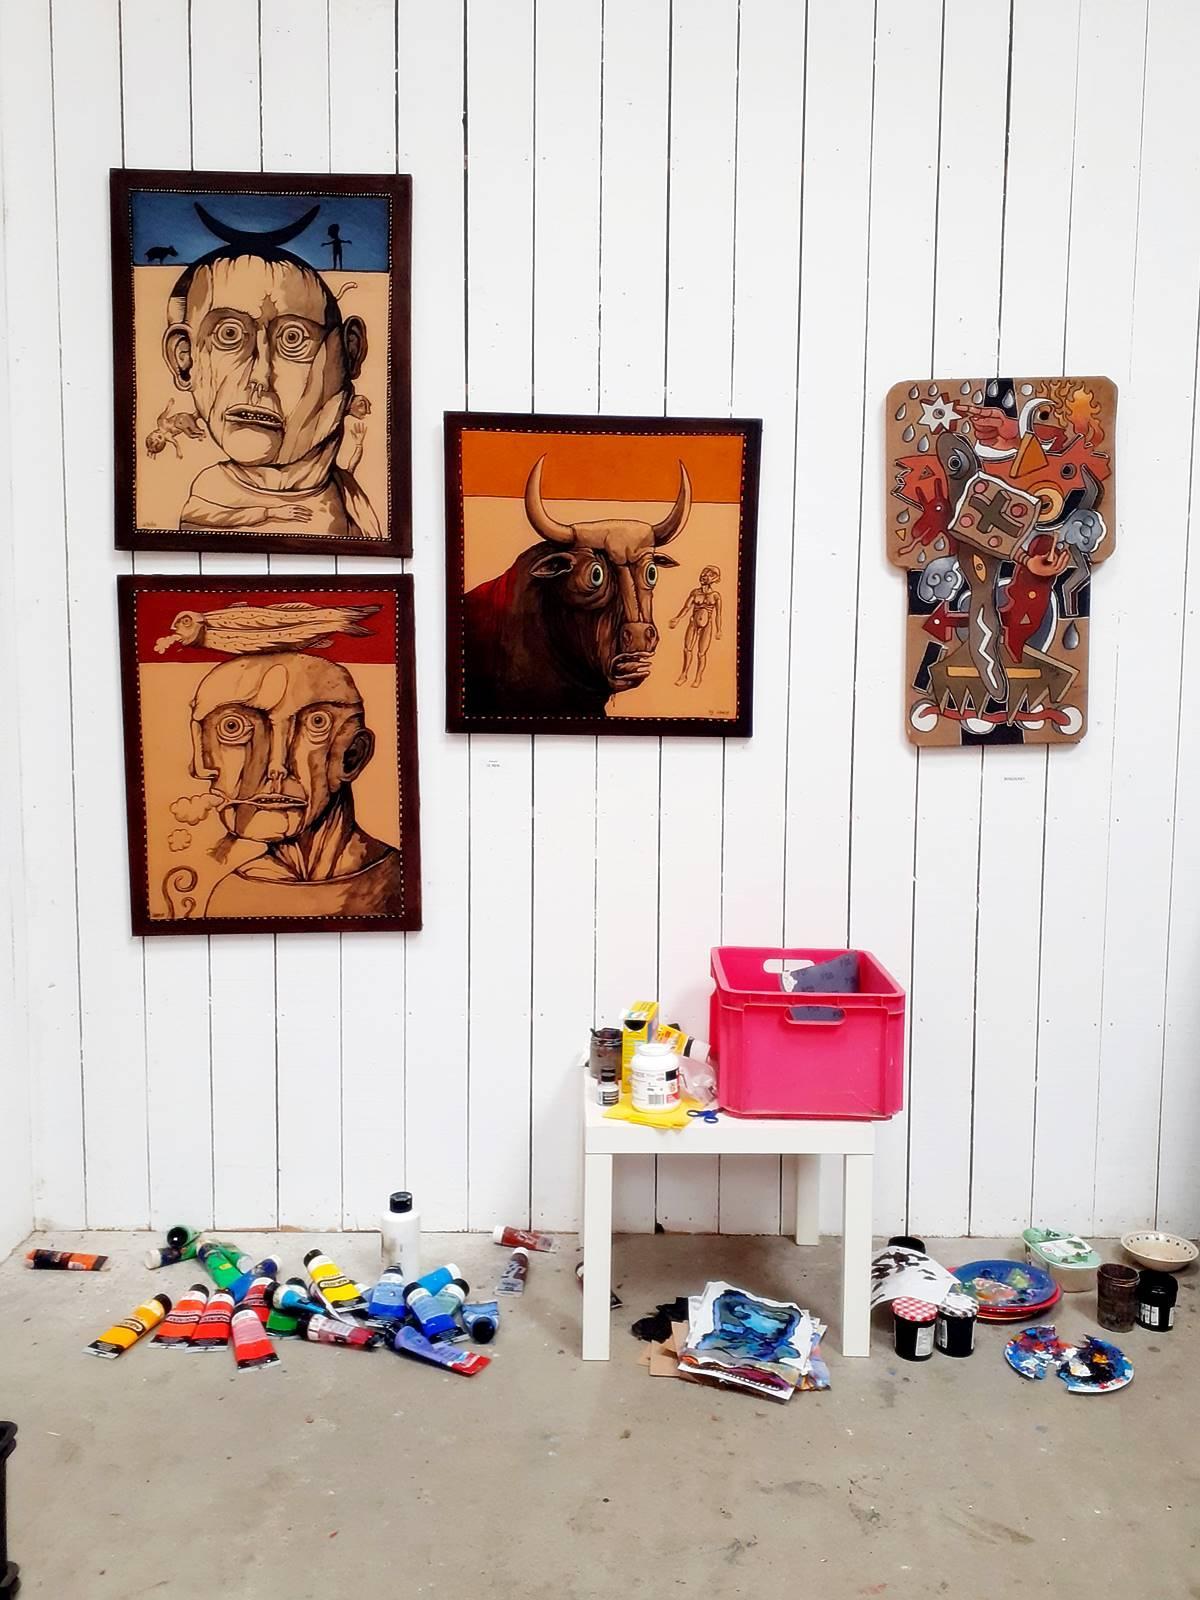 Hang art saffre loire atlantique musee20200613 132036